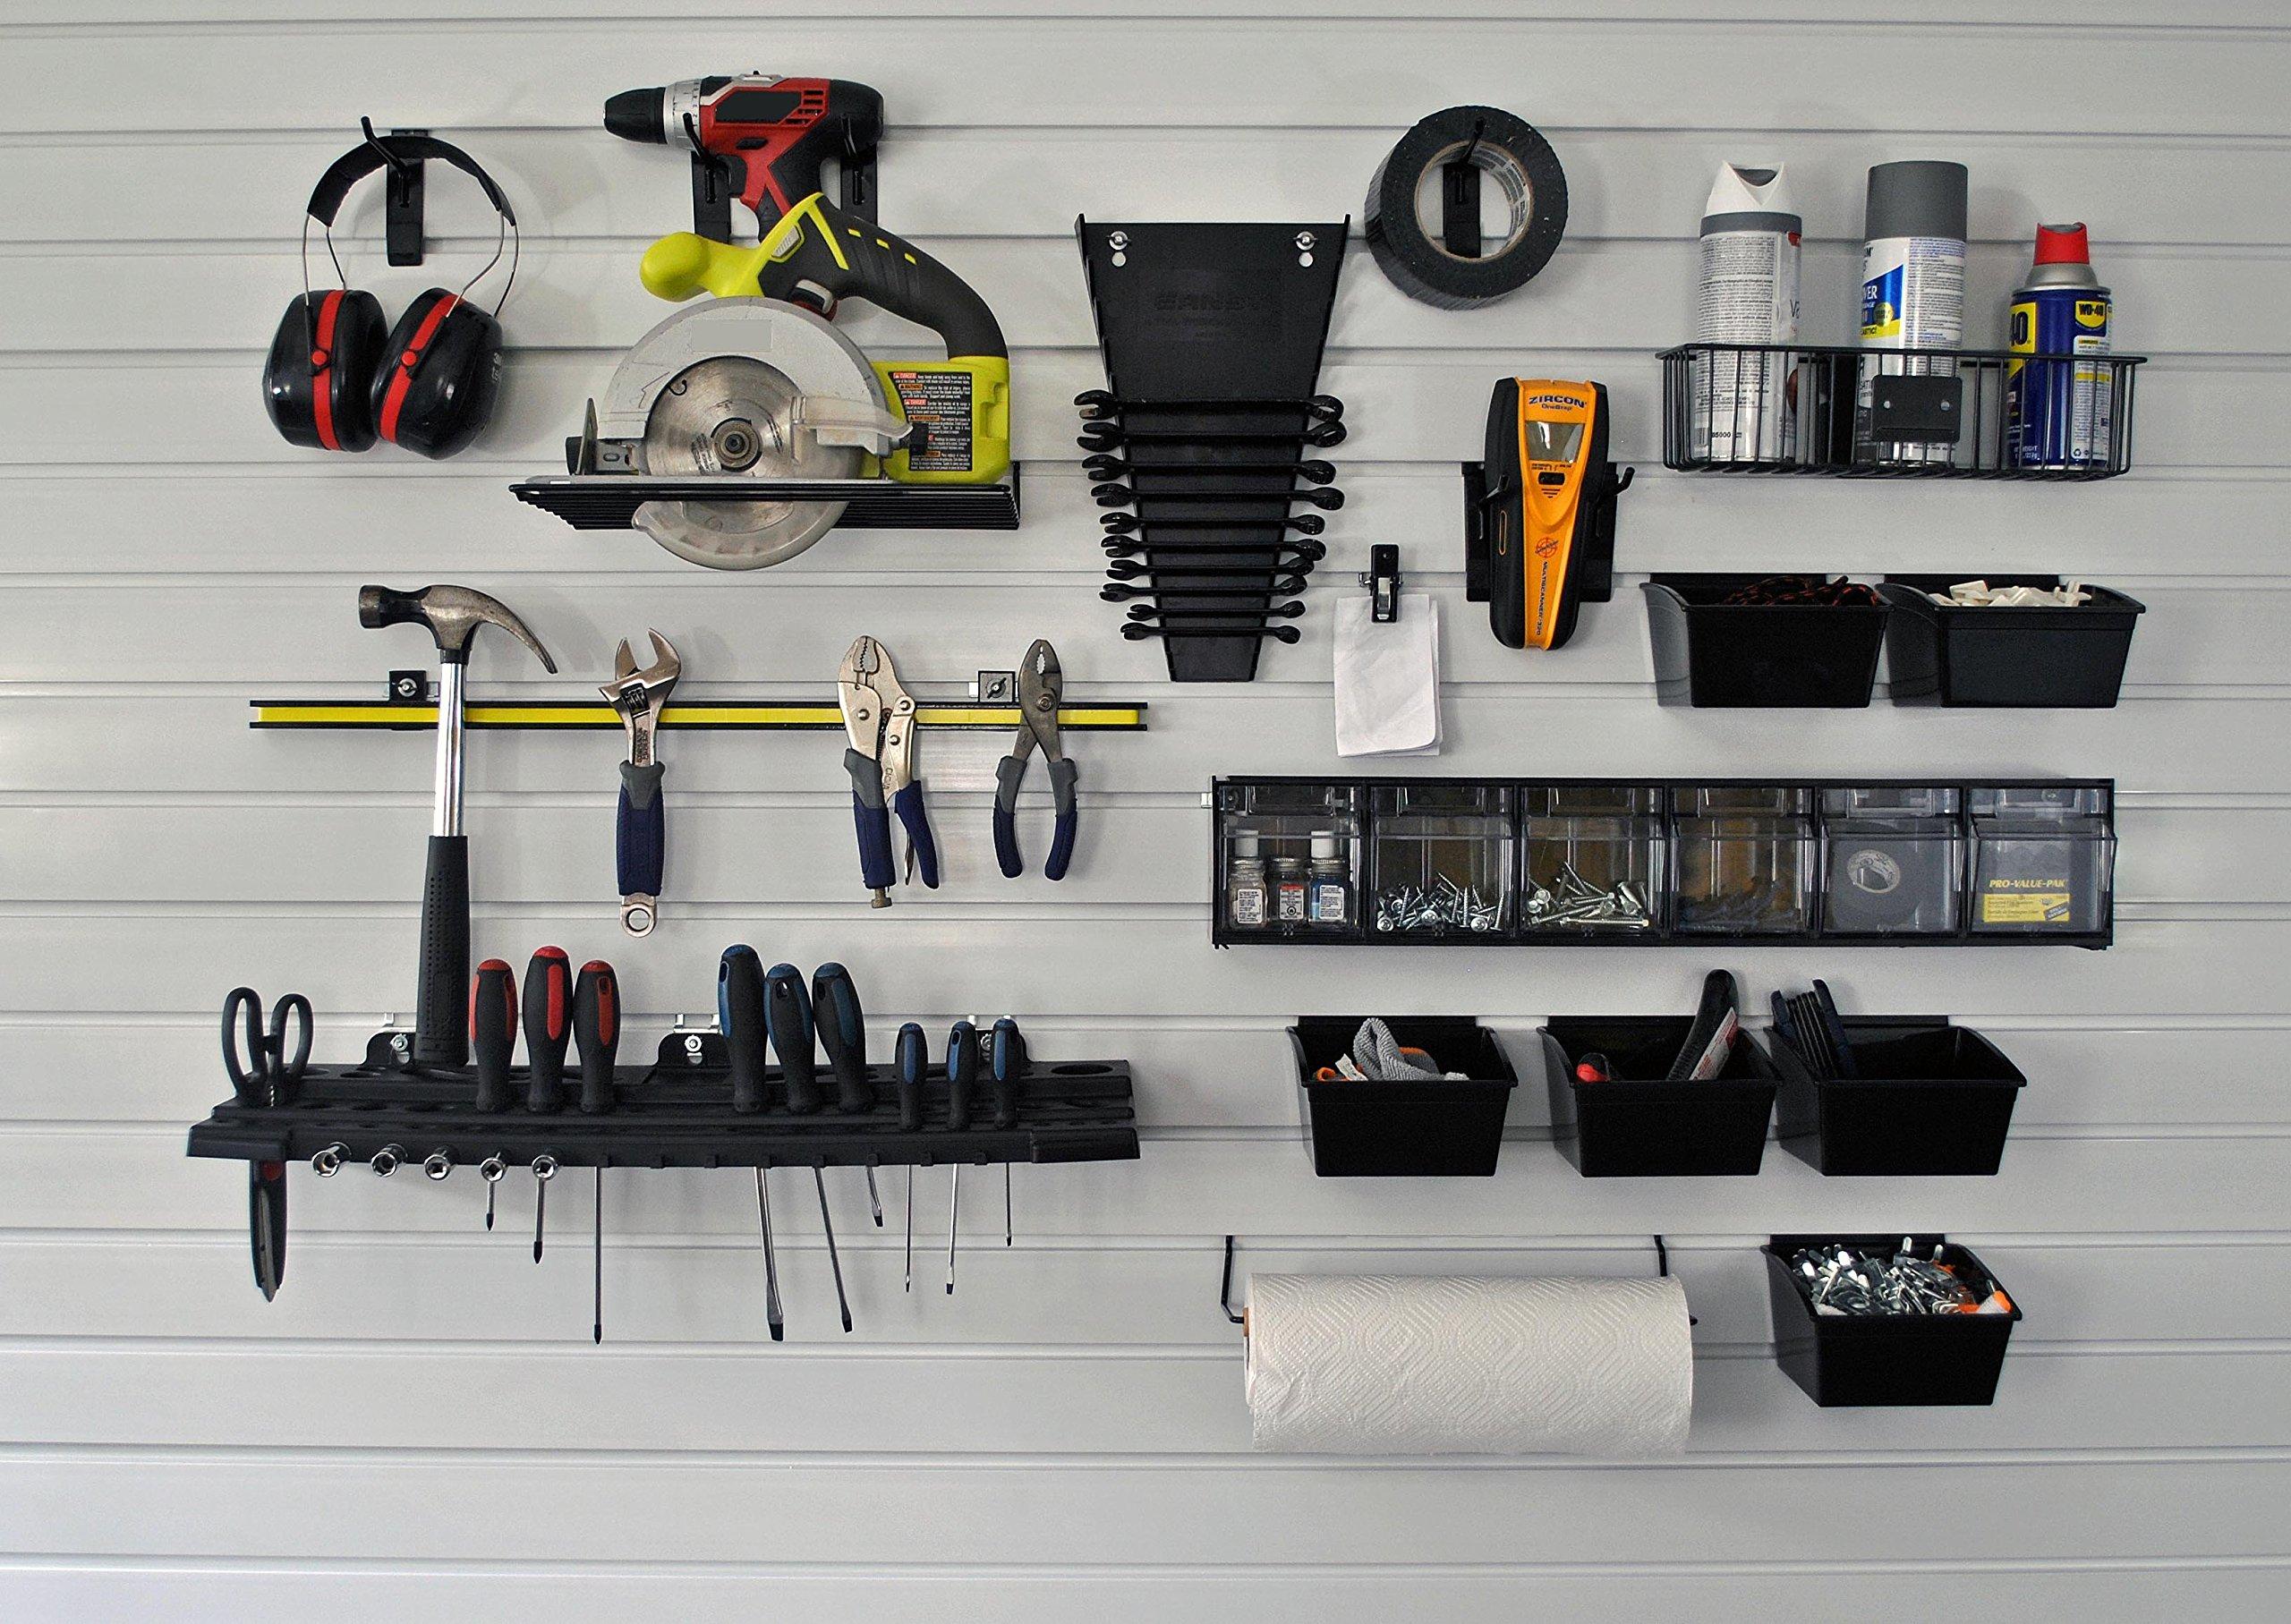 Slatwall Work Center Kit